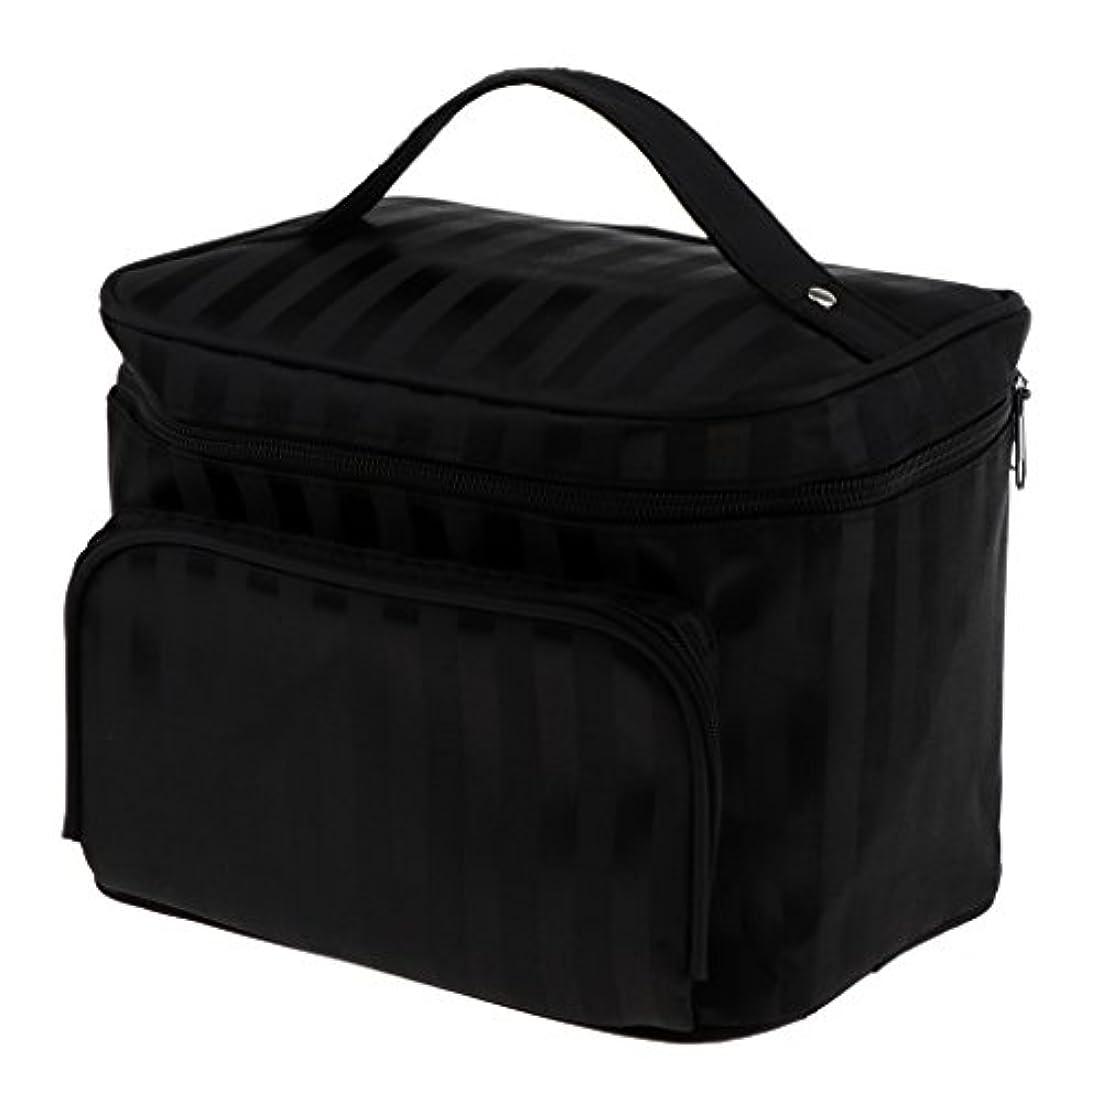 理想的シャイ上院議員Perfk メイクアップバッグ 化粧品バッグ 化粧品 コスメ メイクアップ 収納 防水 耐摩耗 旅行用 バッグ メイクボックス 化粧ポーチ 5色選べる - ブラック